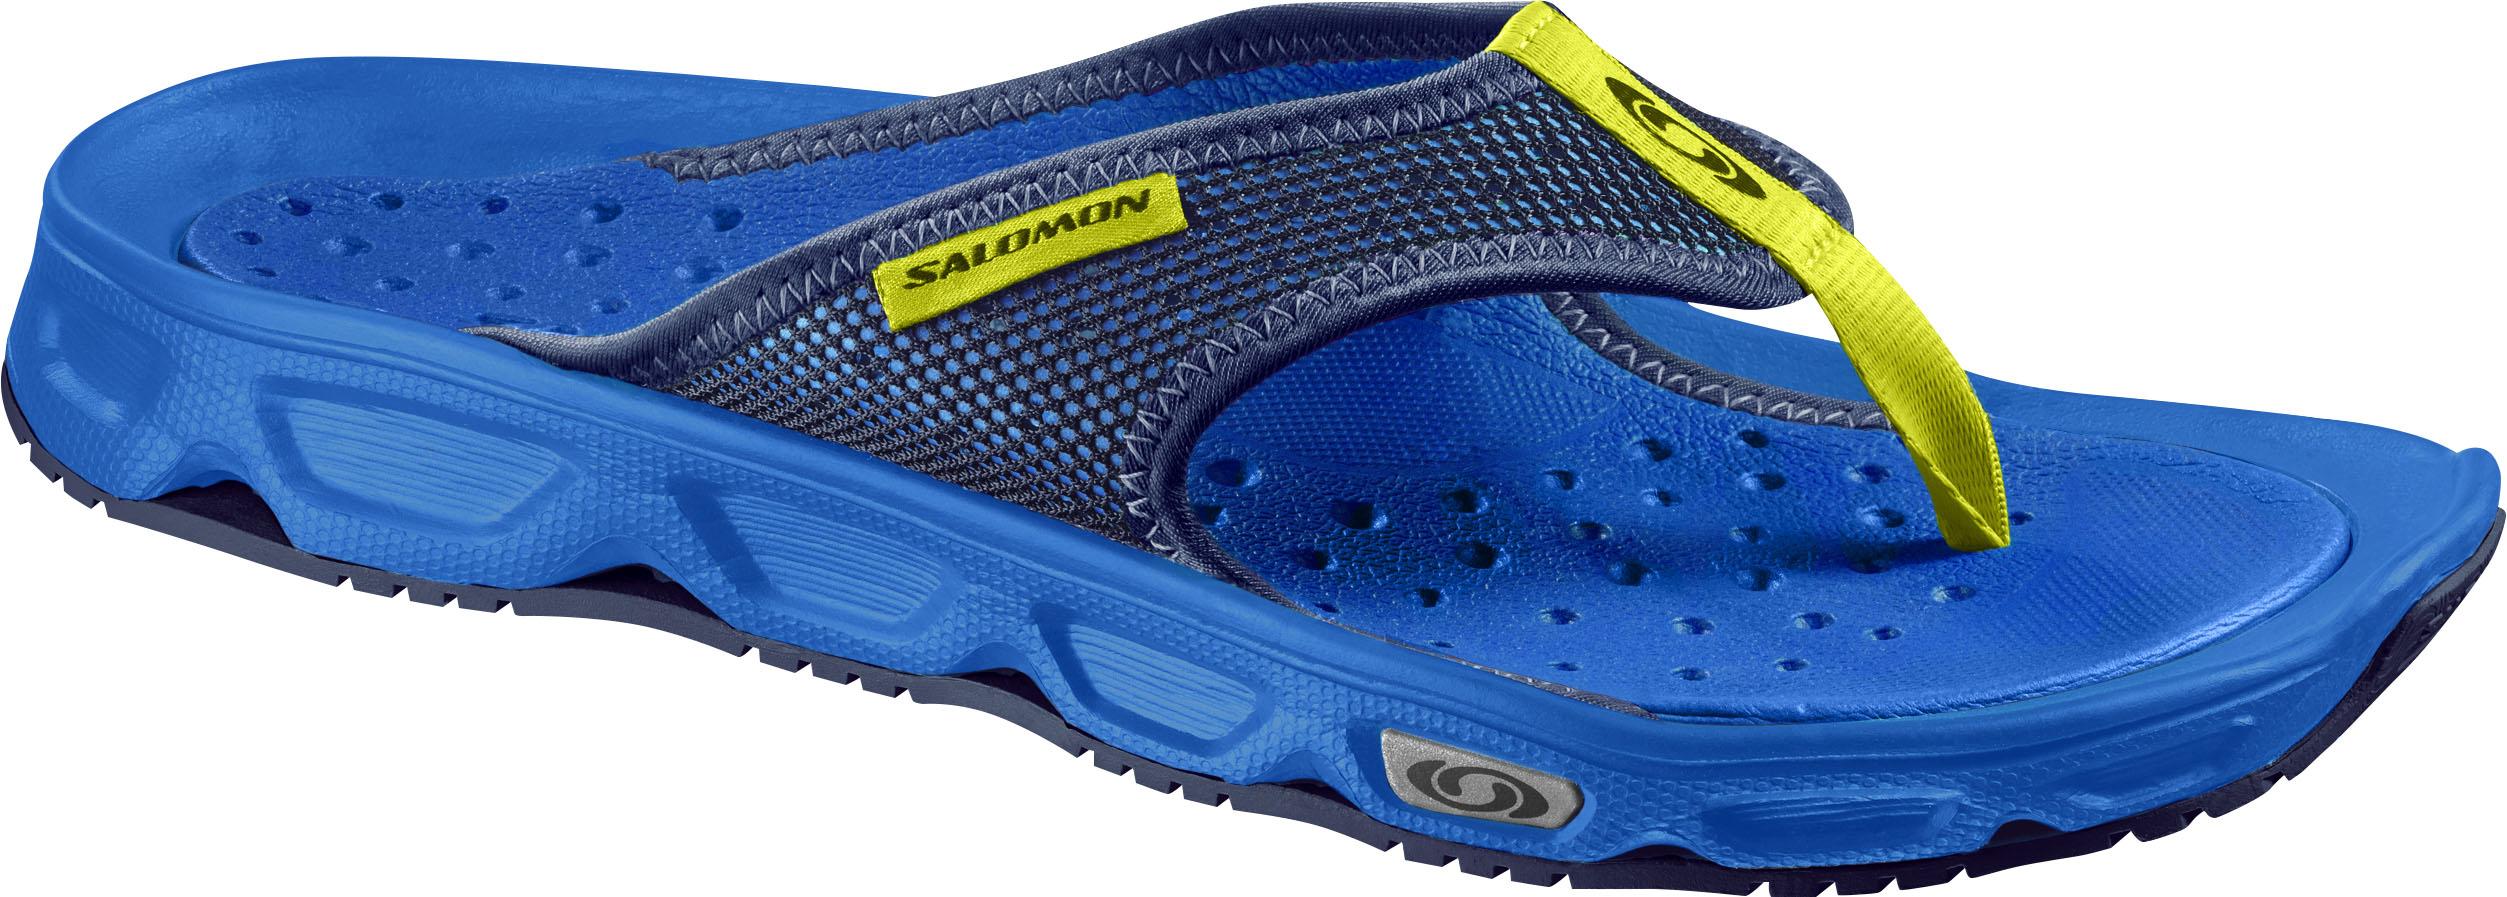 Salomon RX Break 381607 modrá 45,3